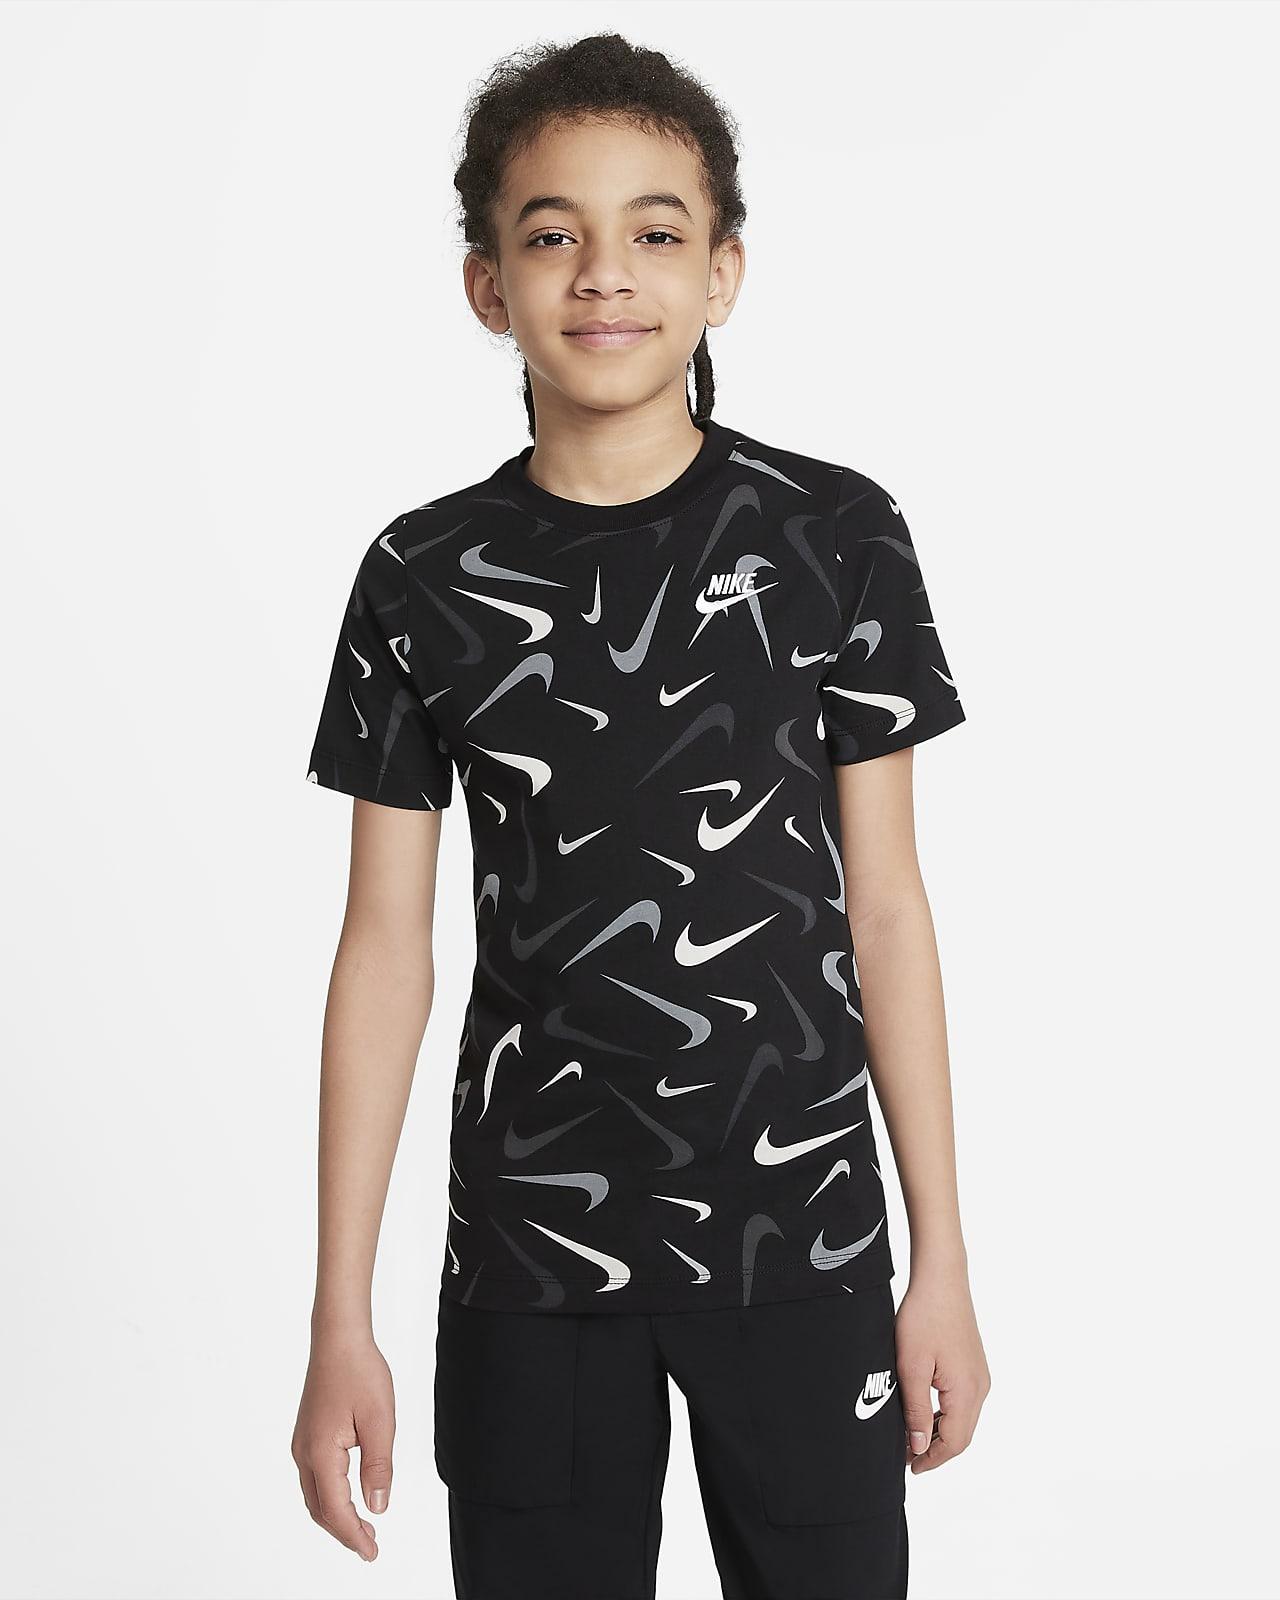 ナイキ スポーツウェア ジュニア (ボーイズ) Tシャツ